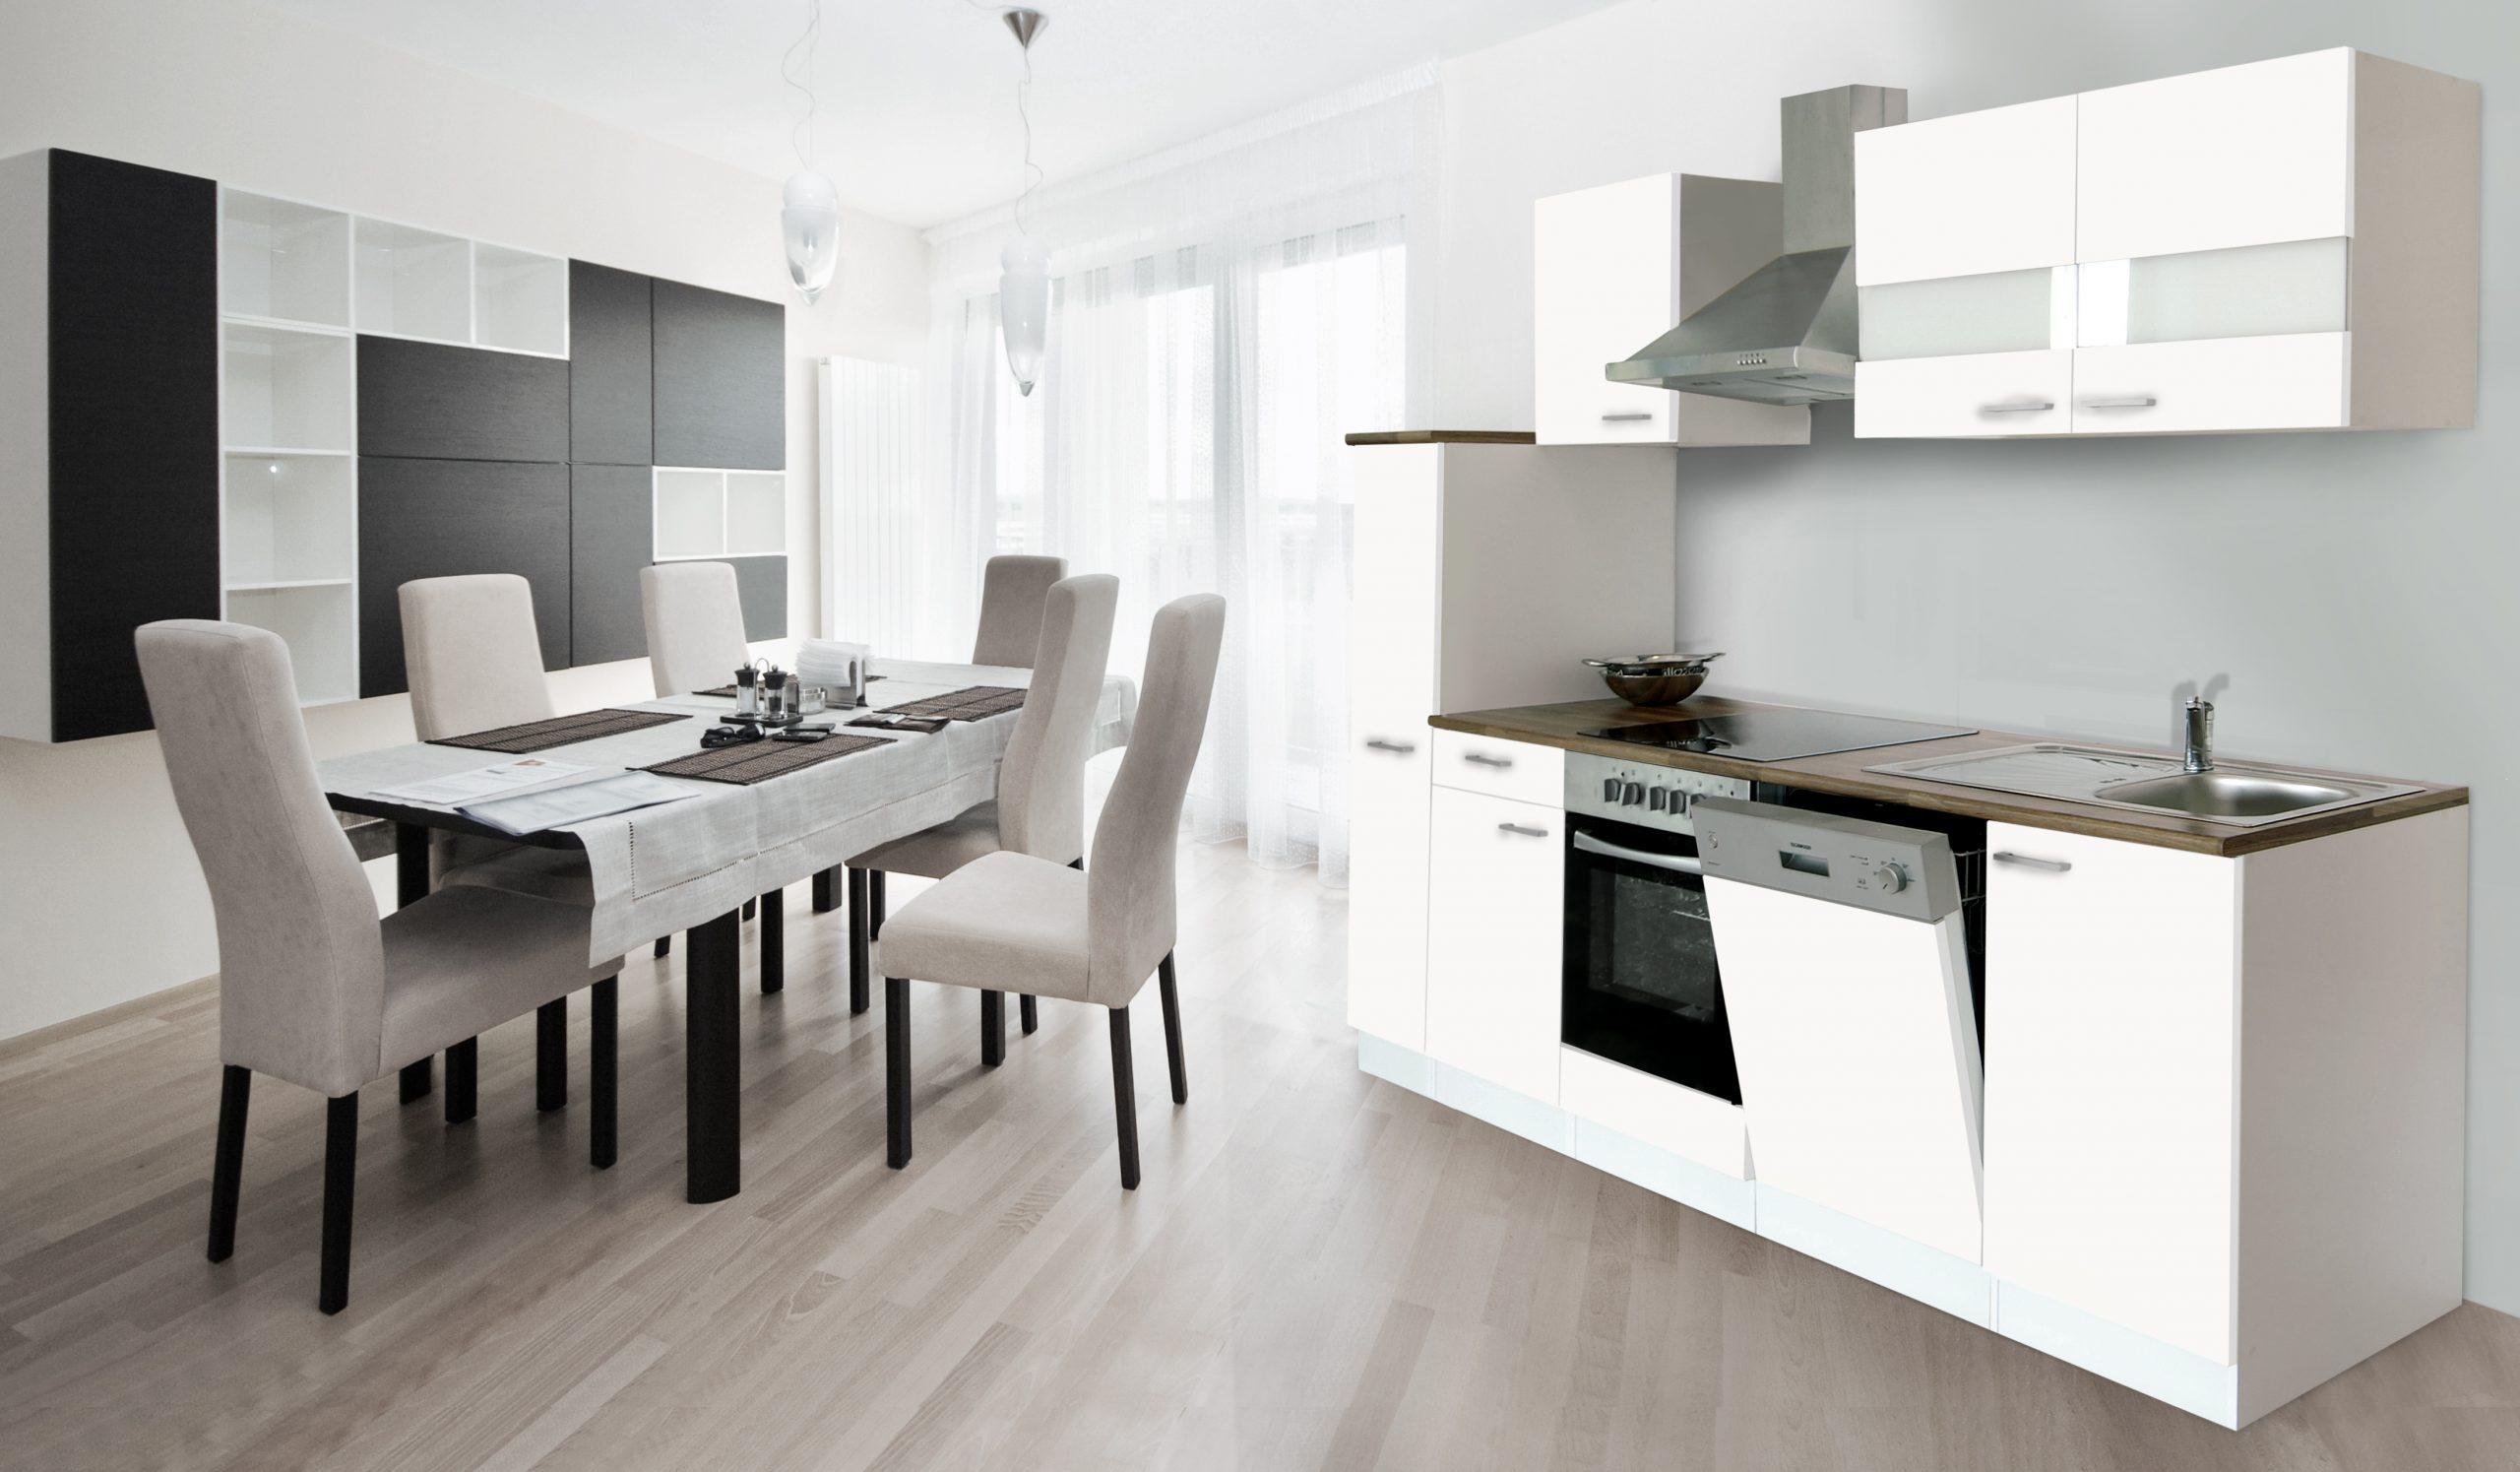 Full Size of Willhaben Komplettküche Komplettküche Billig Miele Komplettküche Komplettküche Angebot Küche Komplettküche